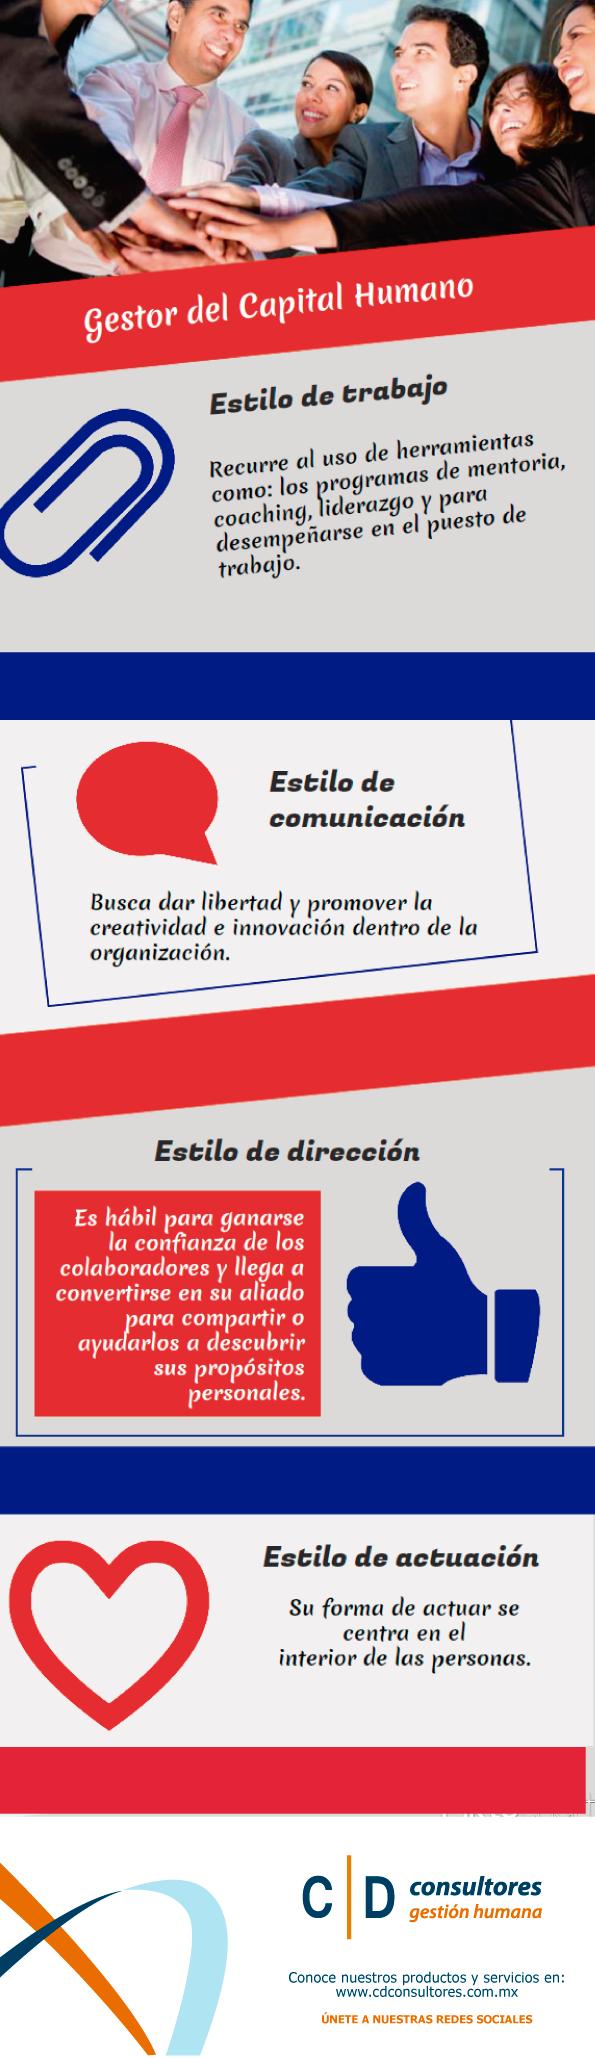 Características-del-gestor-del-capital-humano-infografía